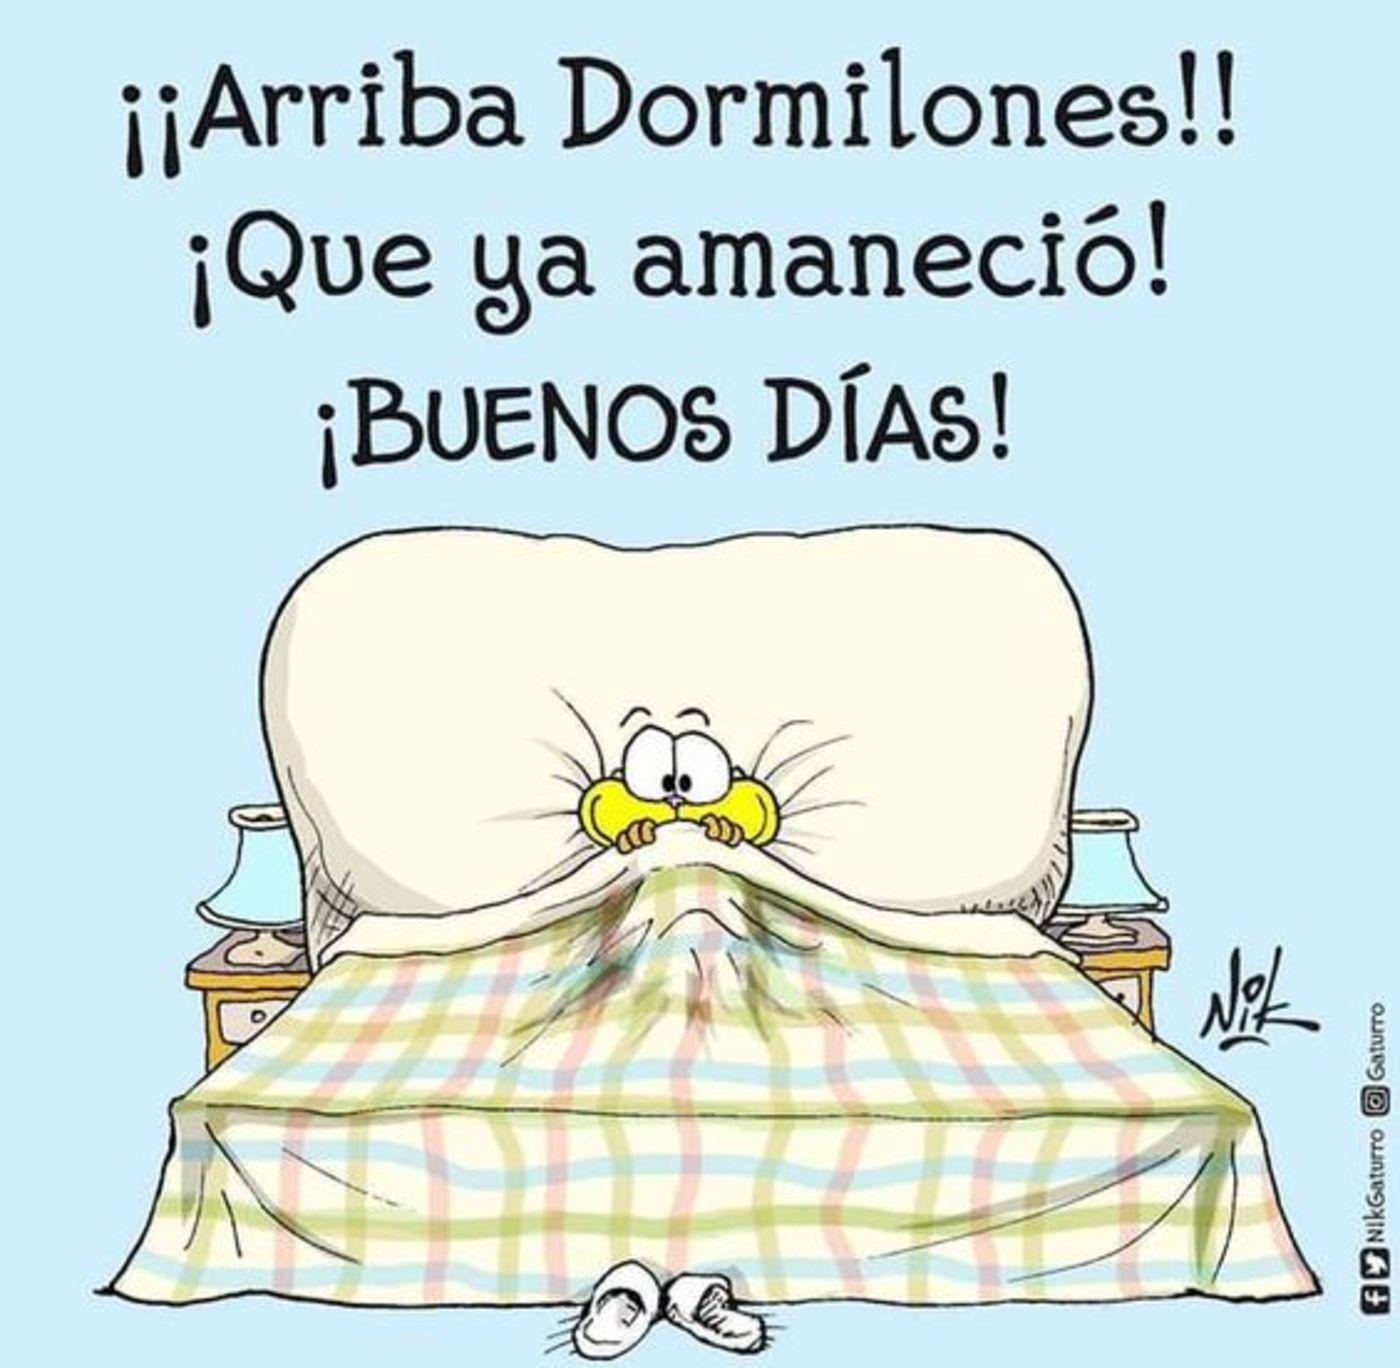 Arriba dormilones! Que ya amanecio! Buenos dias